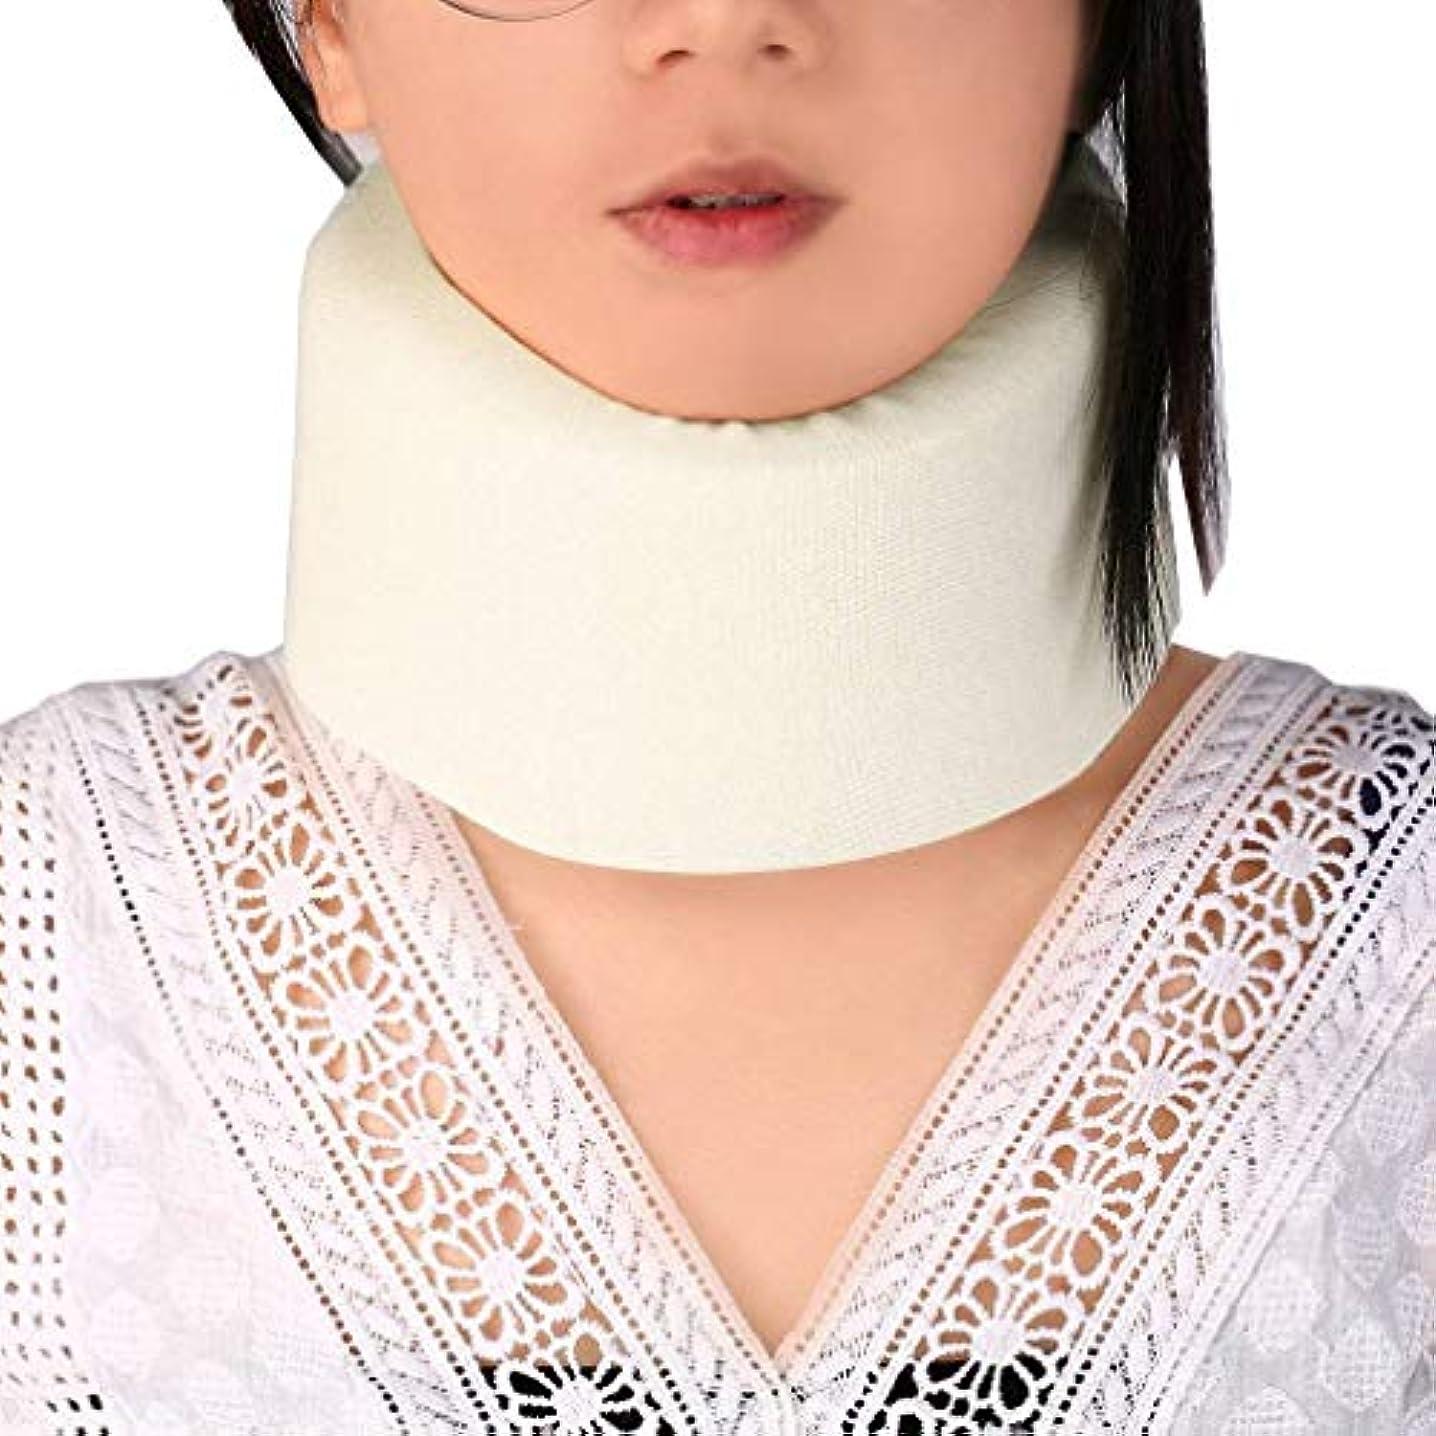 溶けた元に戻す活性化するOral Dentistry 首 サポーター ソフト 頸椎 首こり ソフト頸椎カラー 肩の痛みの軽減 着脱 簡単 男女兼用 ホワイト